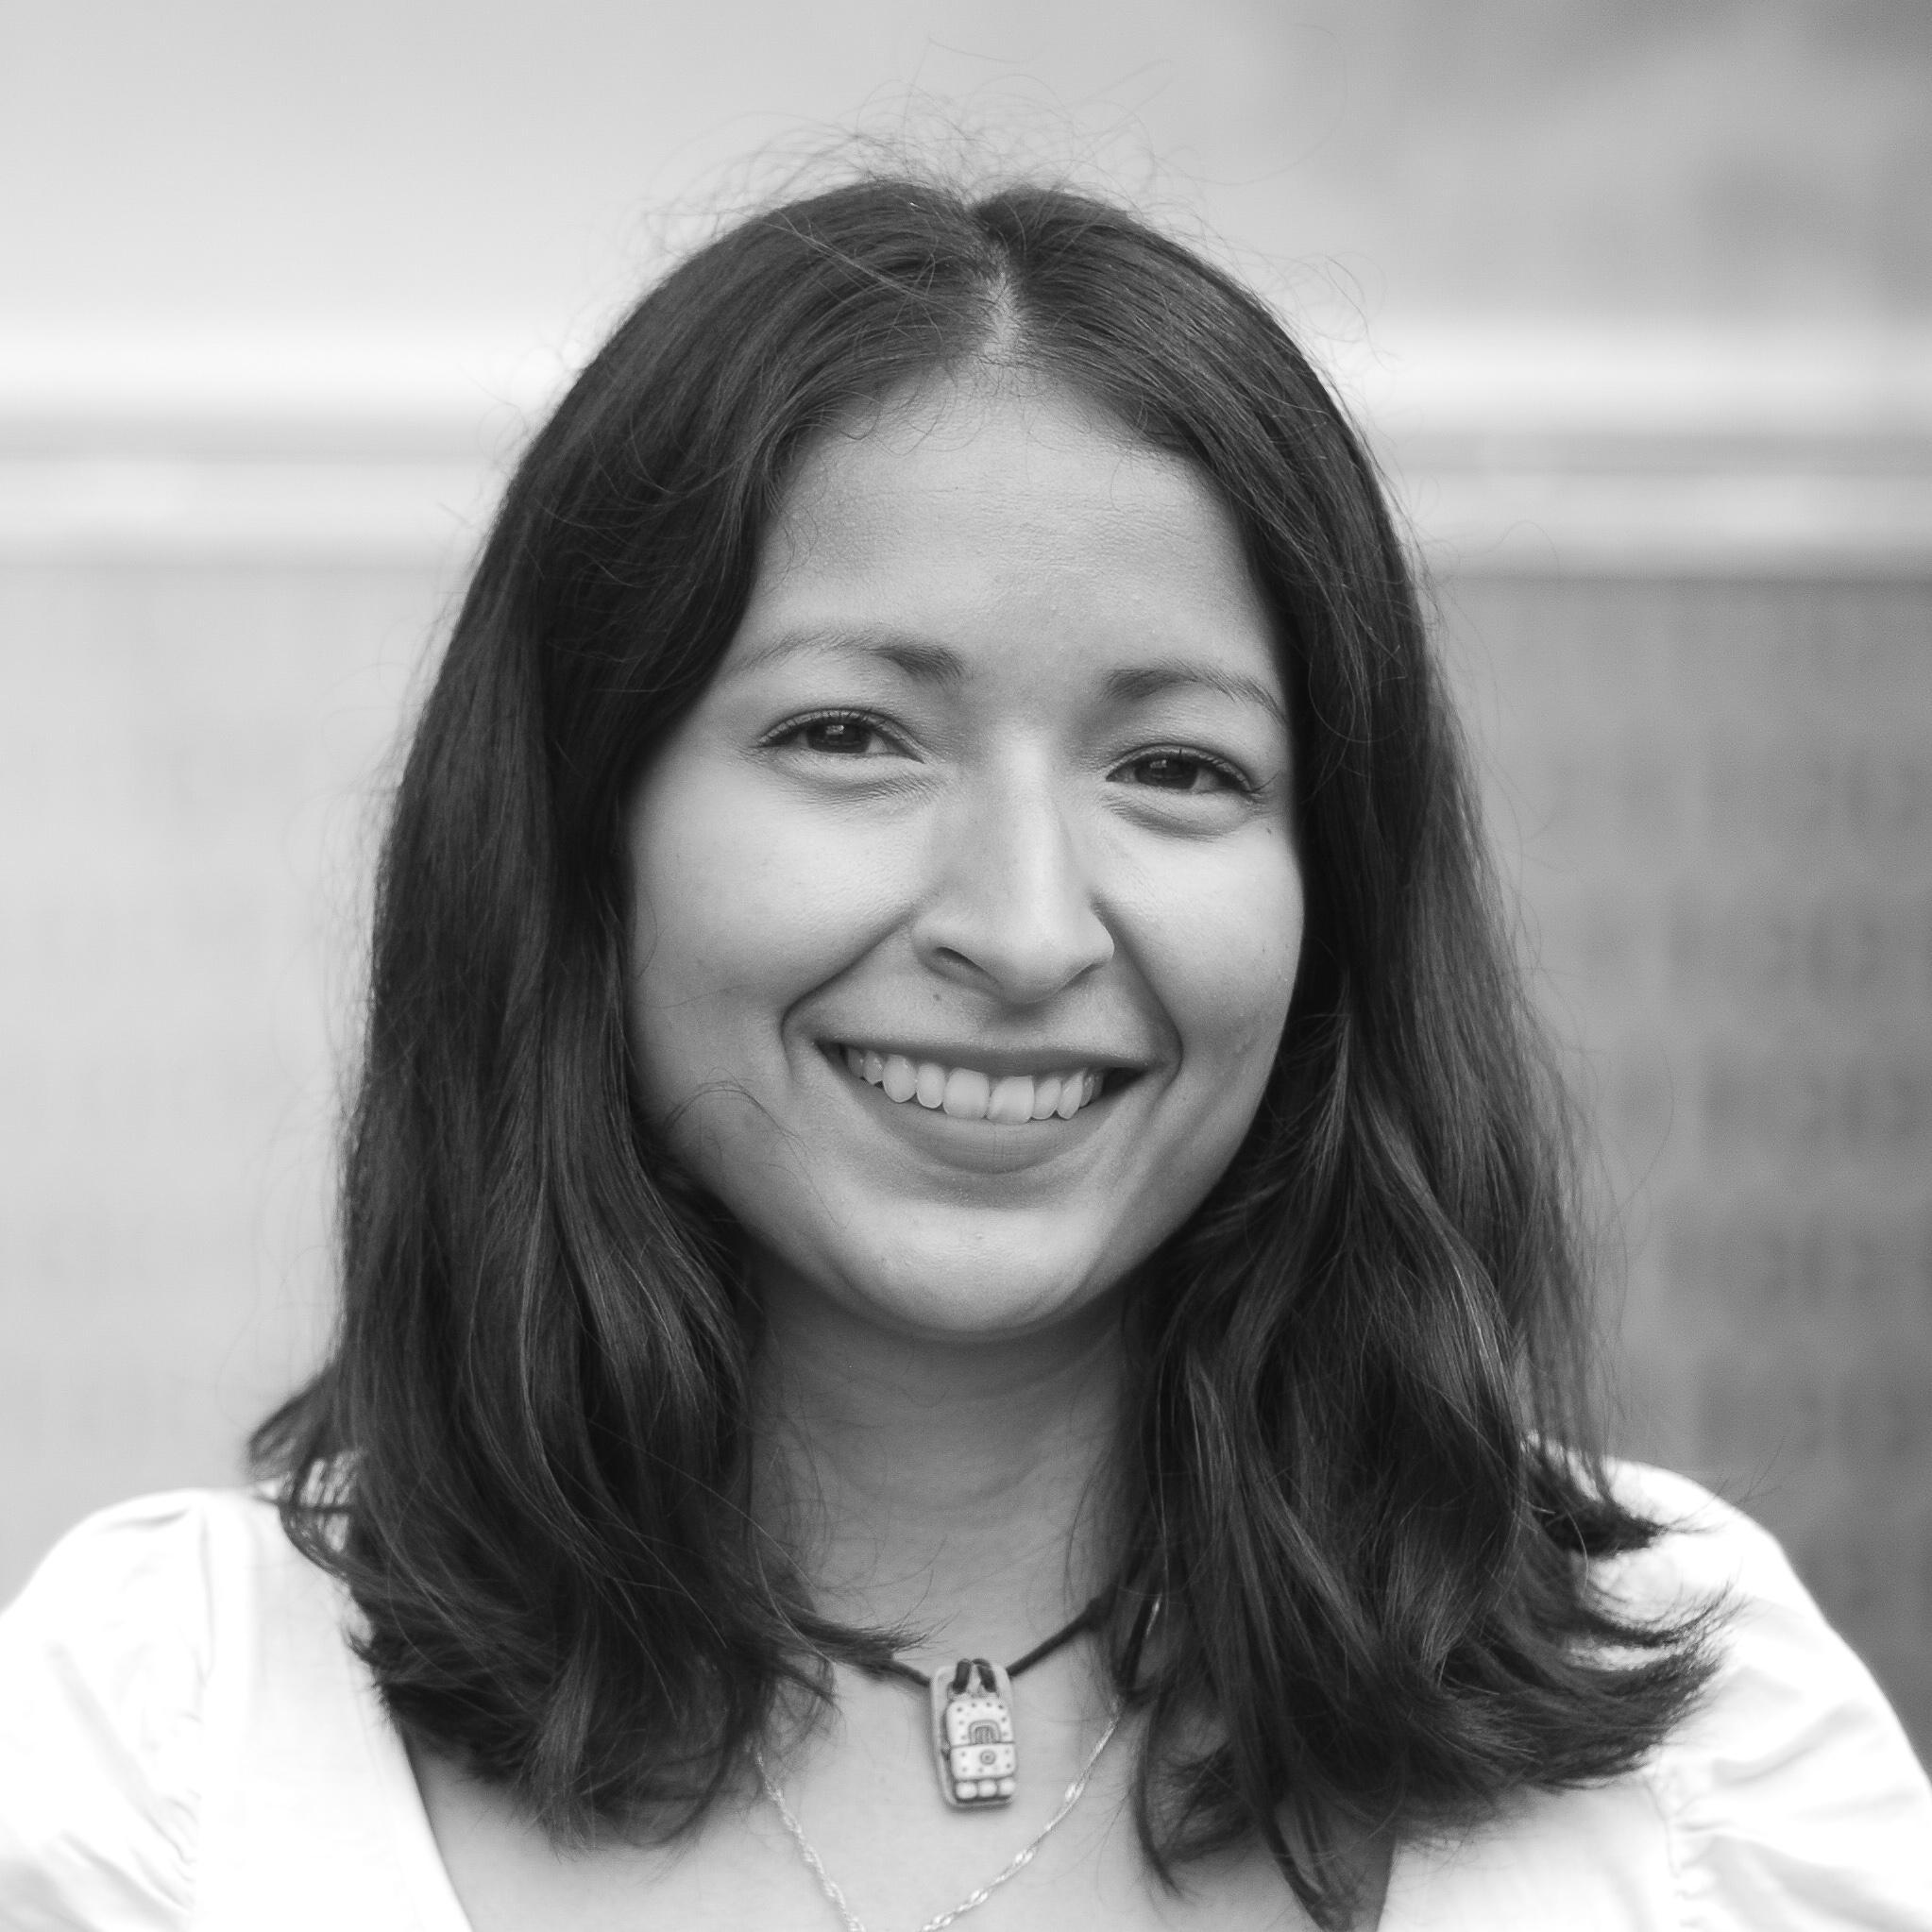 Anny Michelle Maza Pino